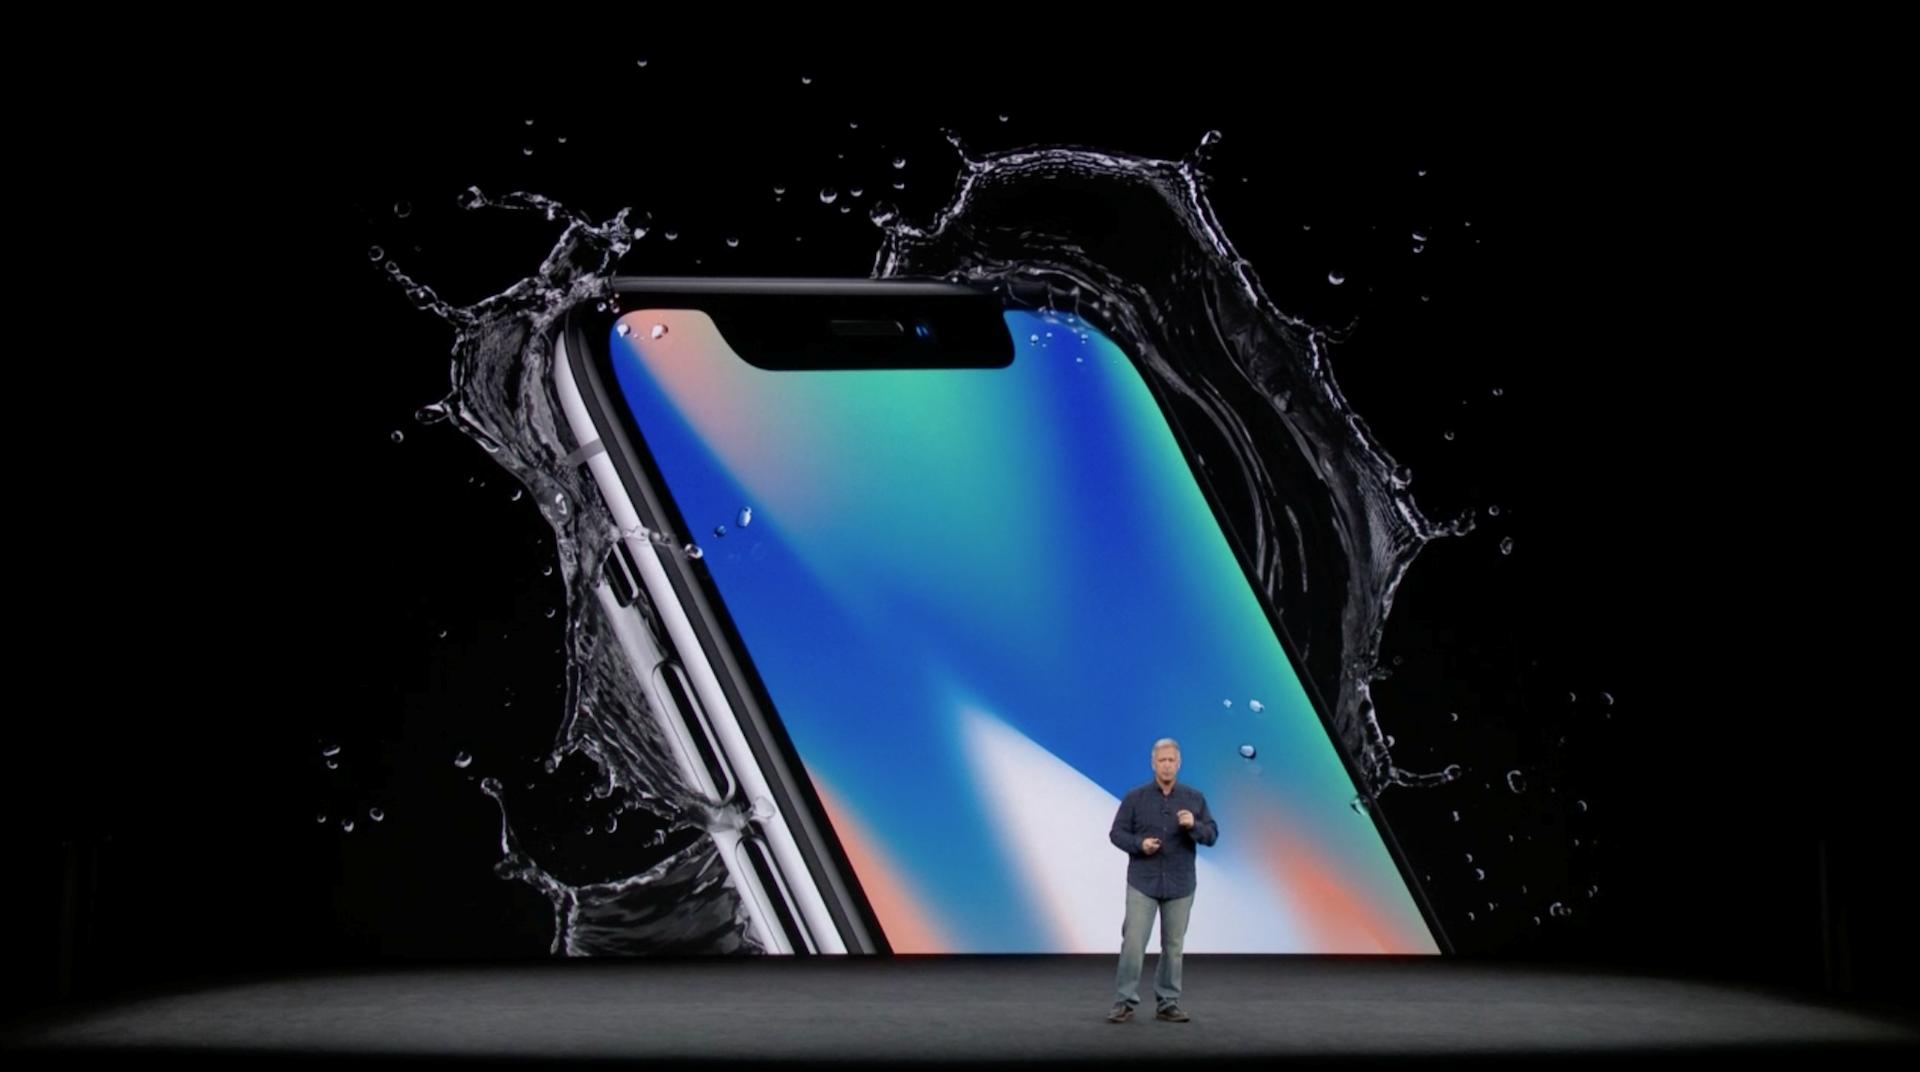 Hình ảnh iPhone X chính thức ra mắt: viền siêu mỏng, nhận diện mặt 3D số 3